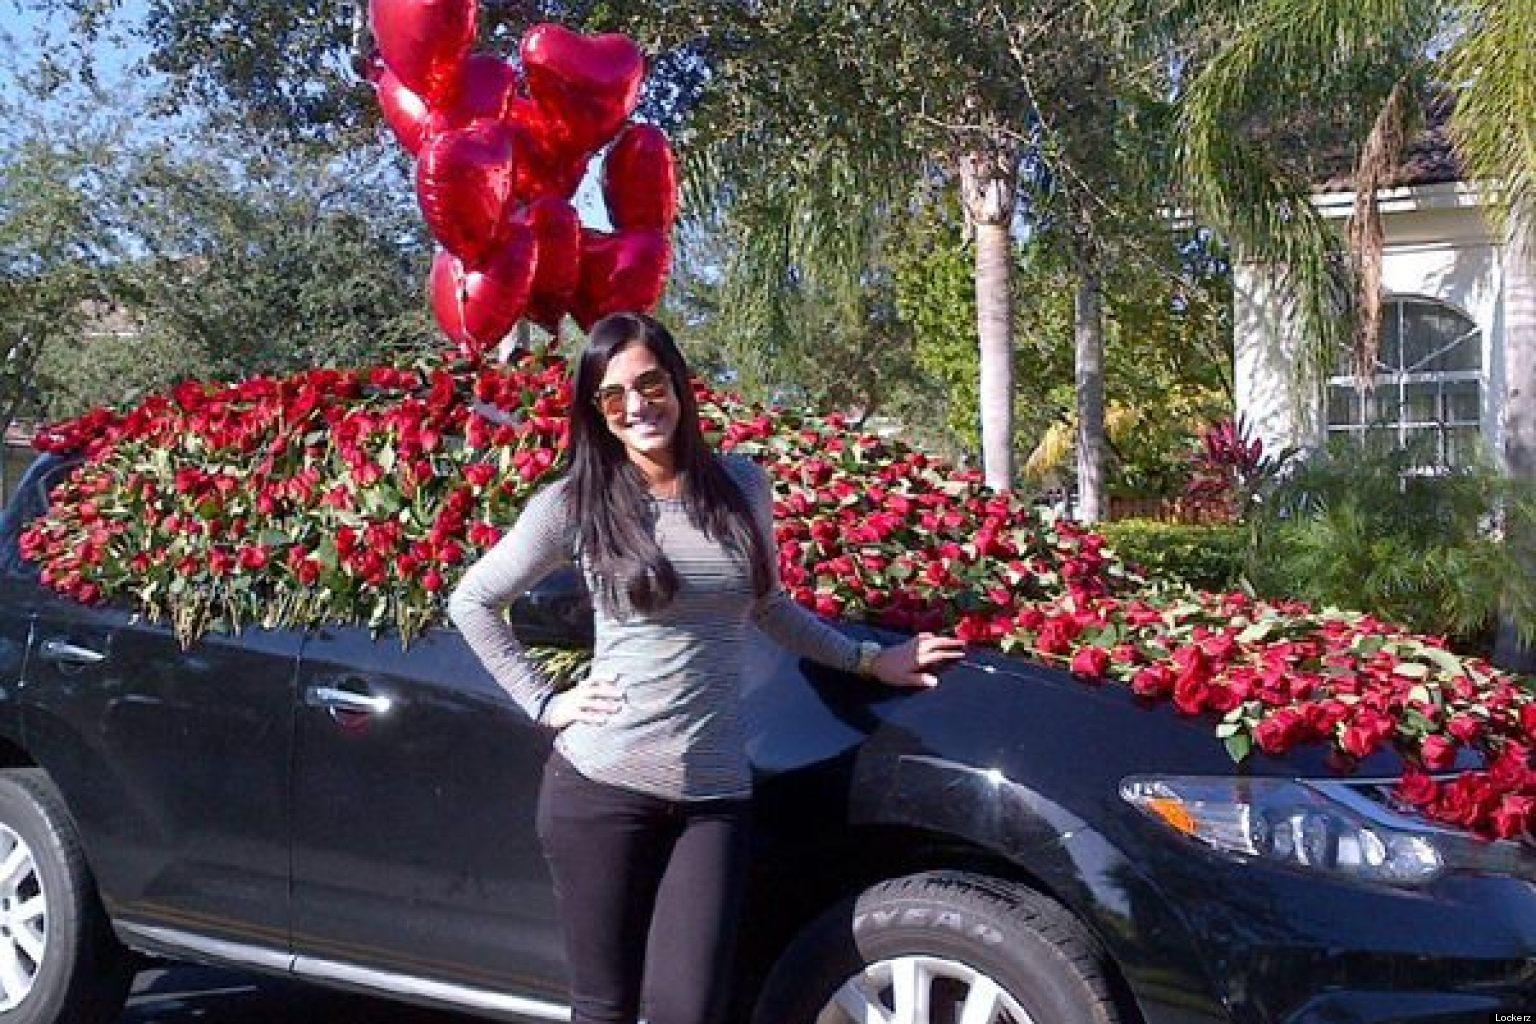 Gaby espino recibe muchas sorpresas para su cumplea os for Cuarto lleno de rosas